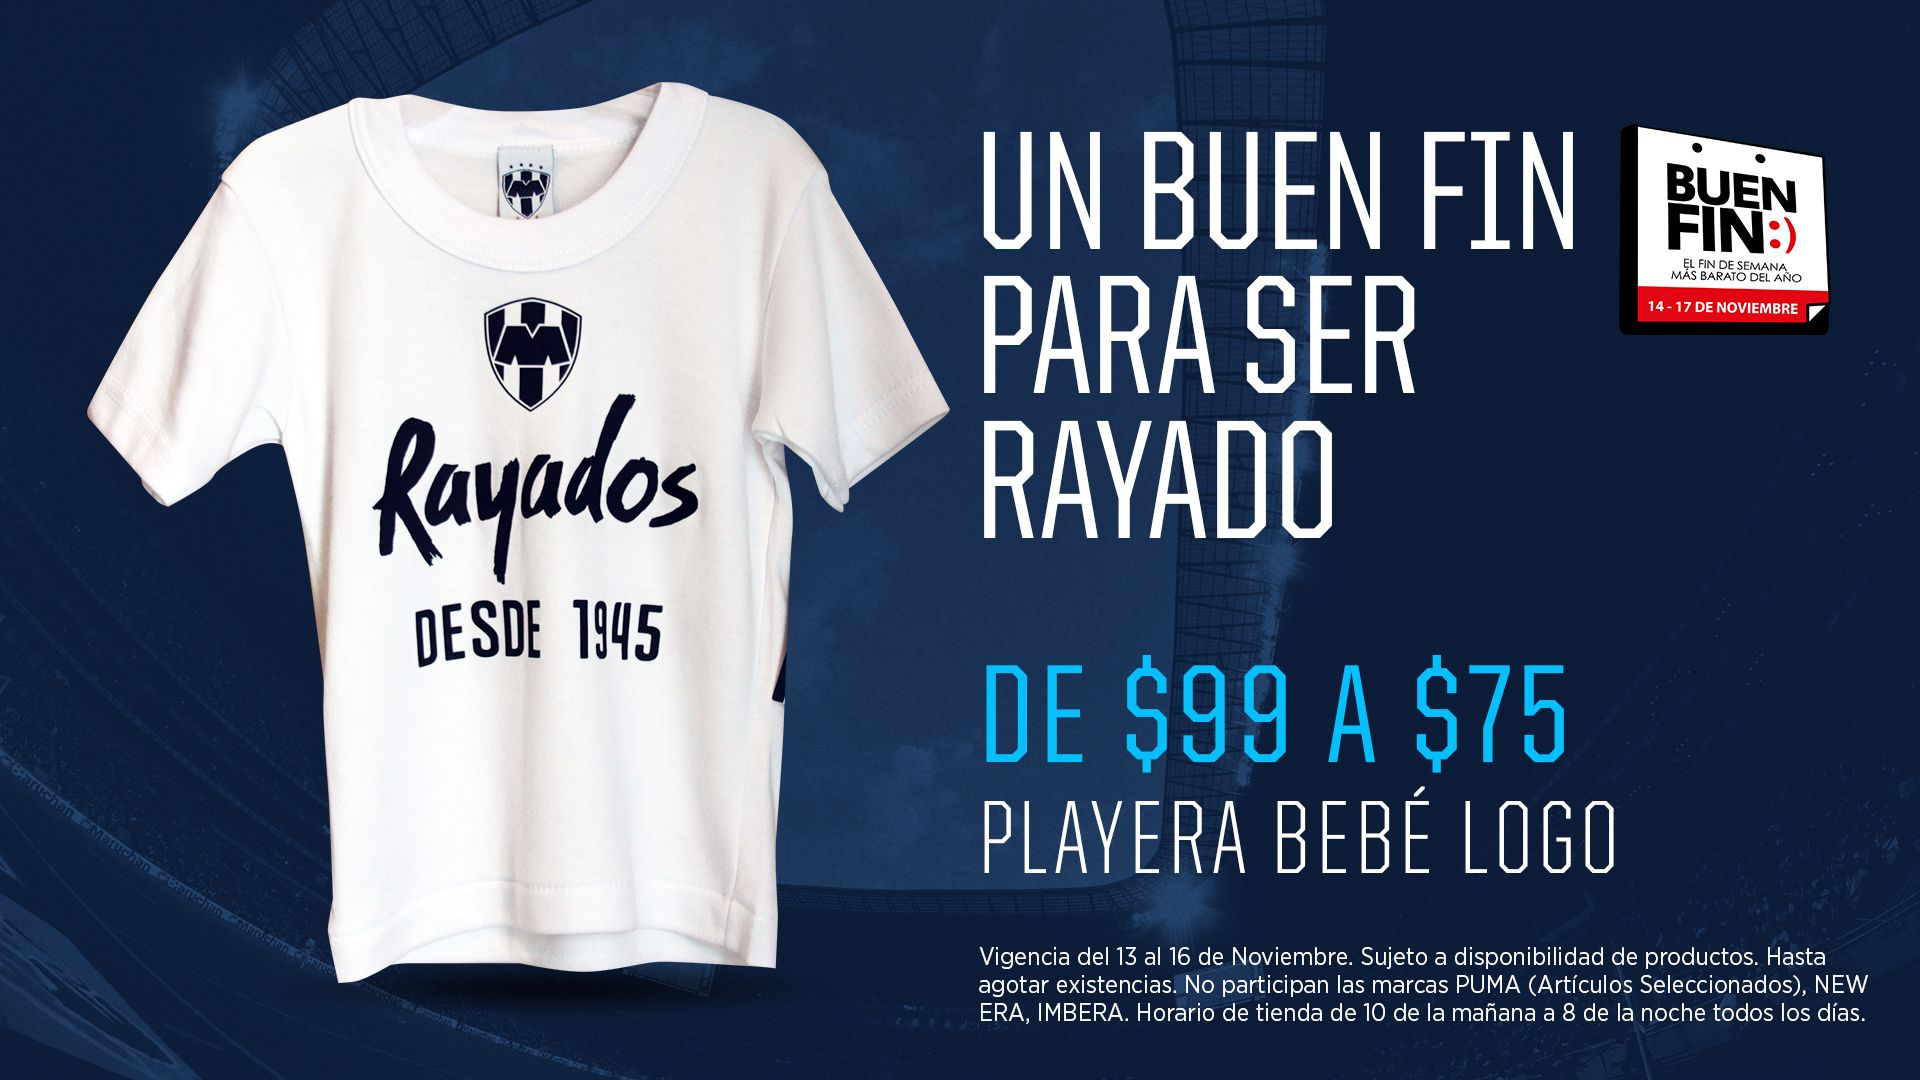 Playera bebé con logo de Rayados. Playeras, Buen fin